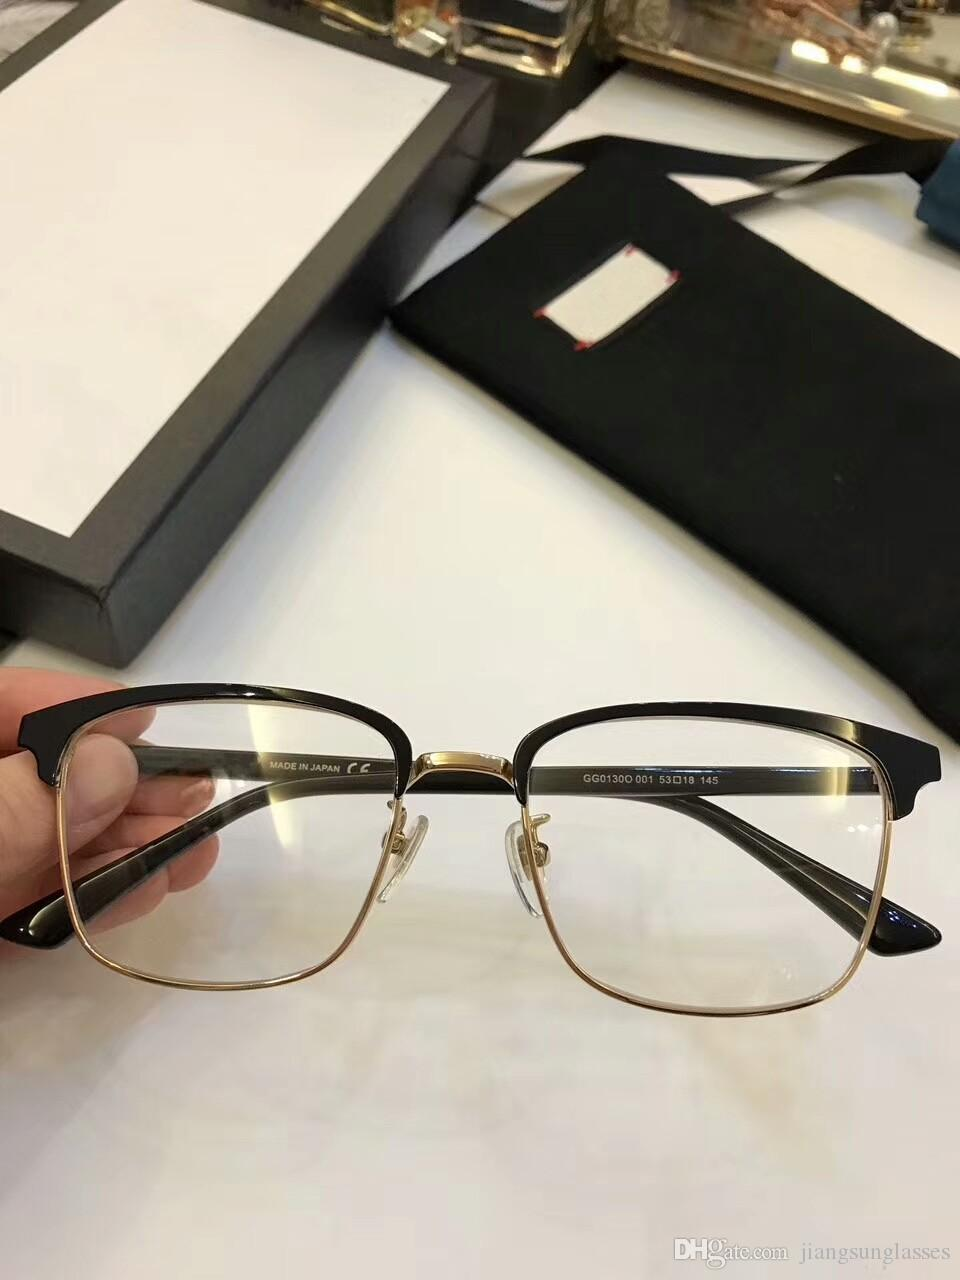 da663c572c 2019 Brand Designer Prescription Glasses G0130 Men Womens Glasses Frame  Clear Lense Women Brand Designer Eyeglasses Frame From Jiangsunglasses